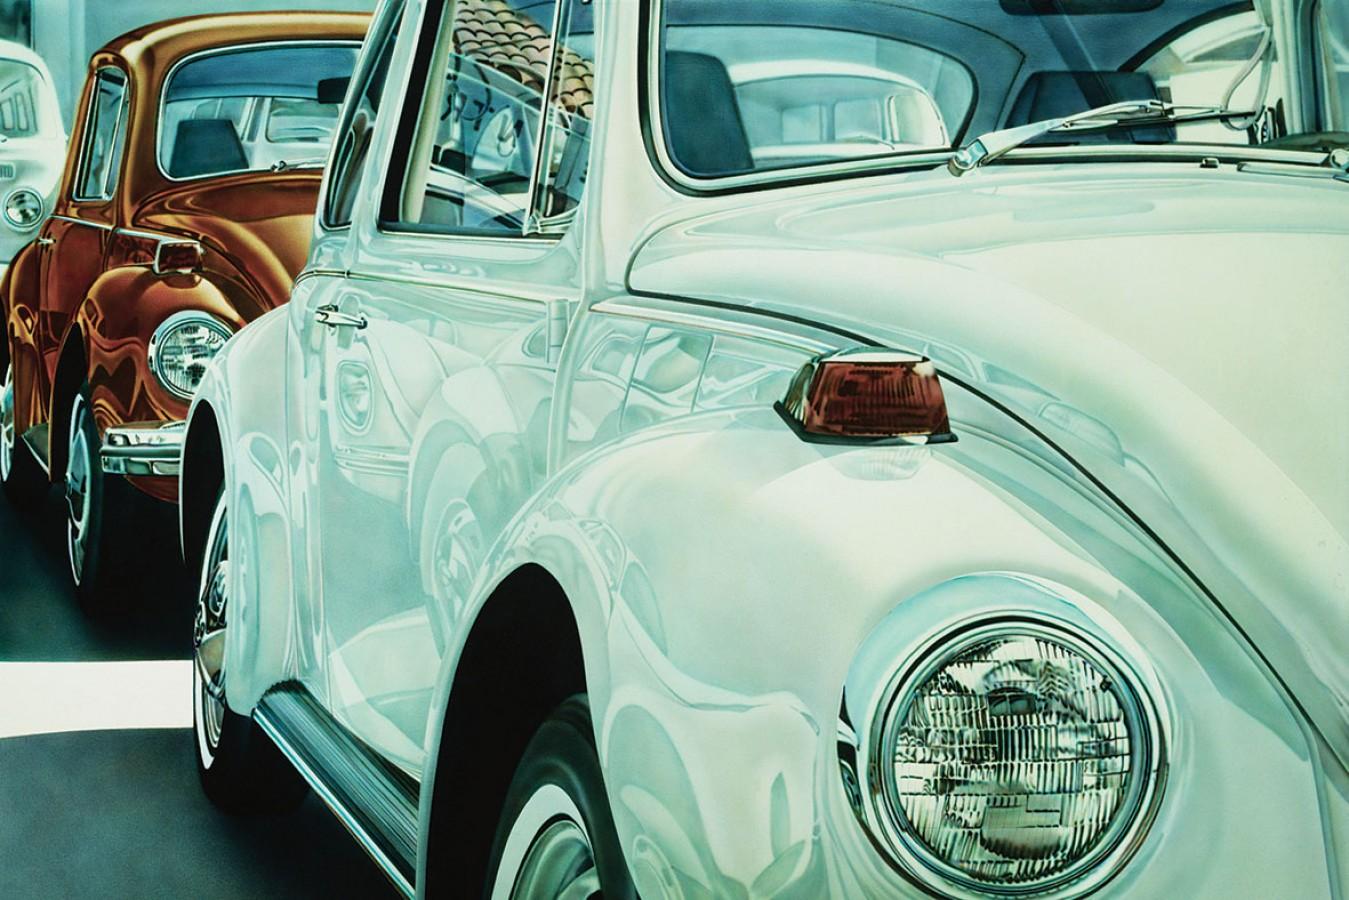 Fotomural Volkswagen Vintage A08-M936   A08-M936